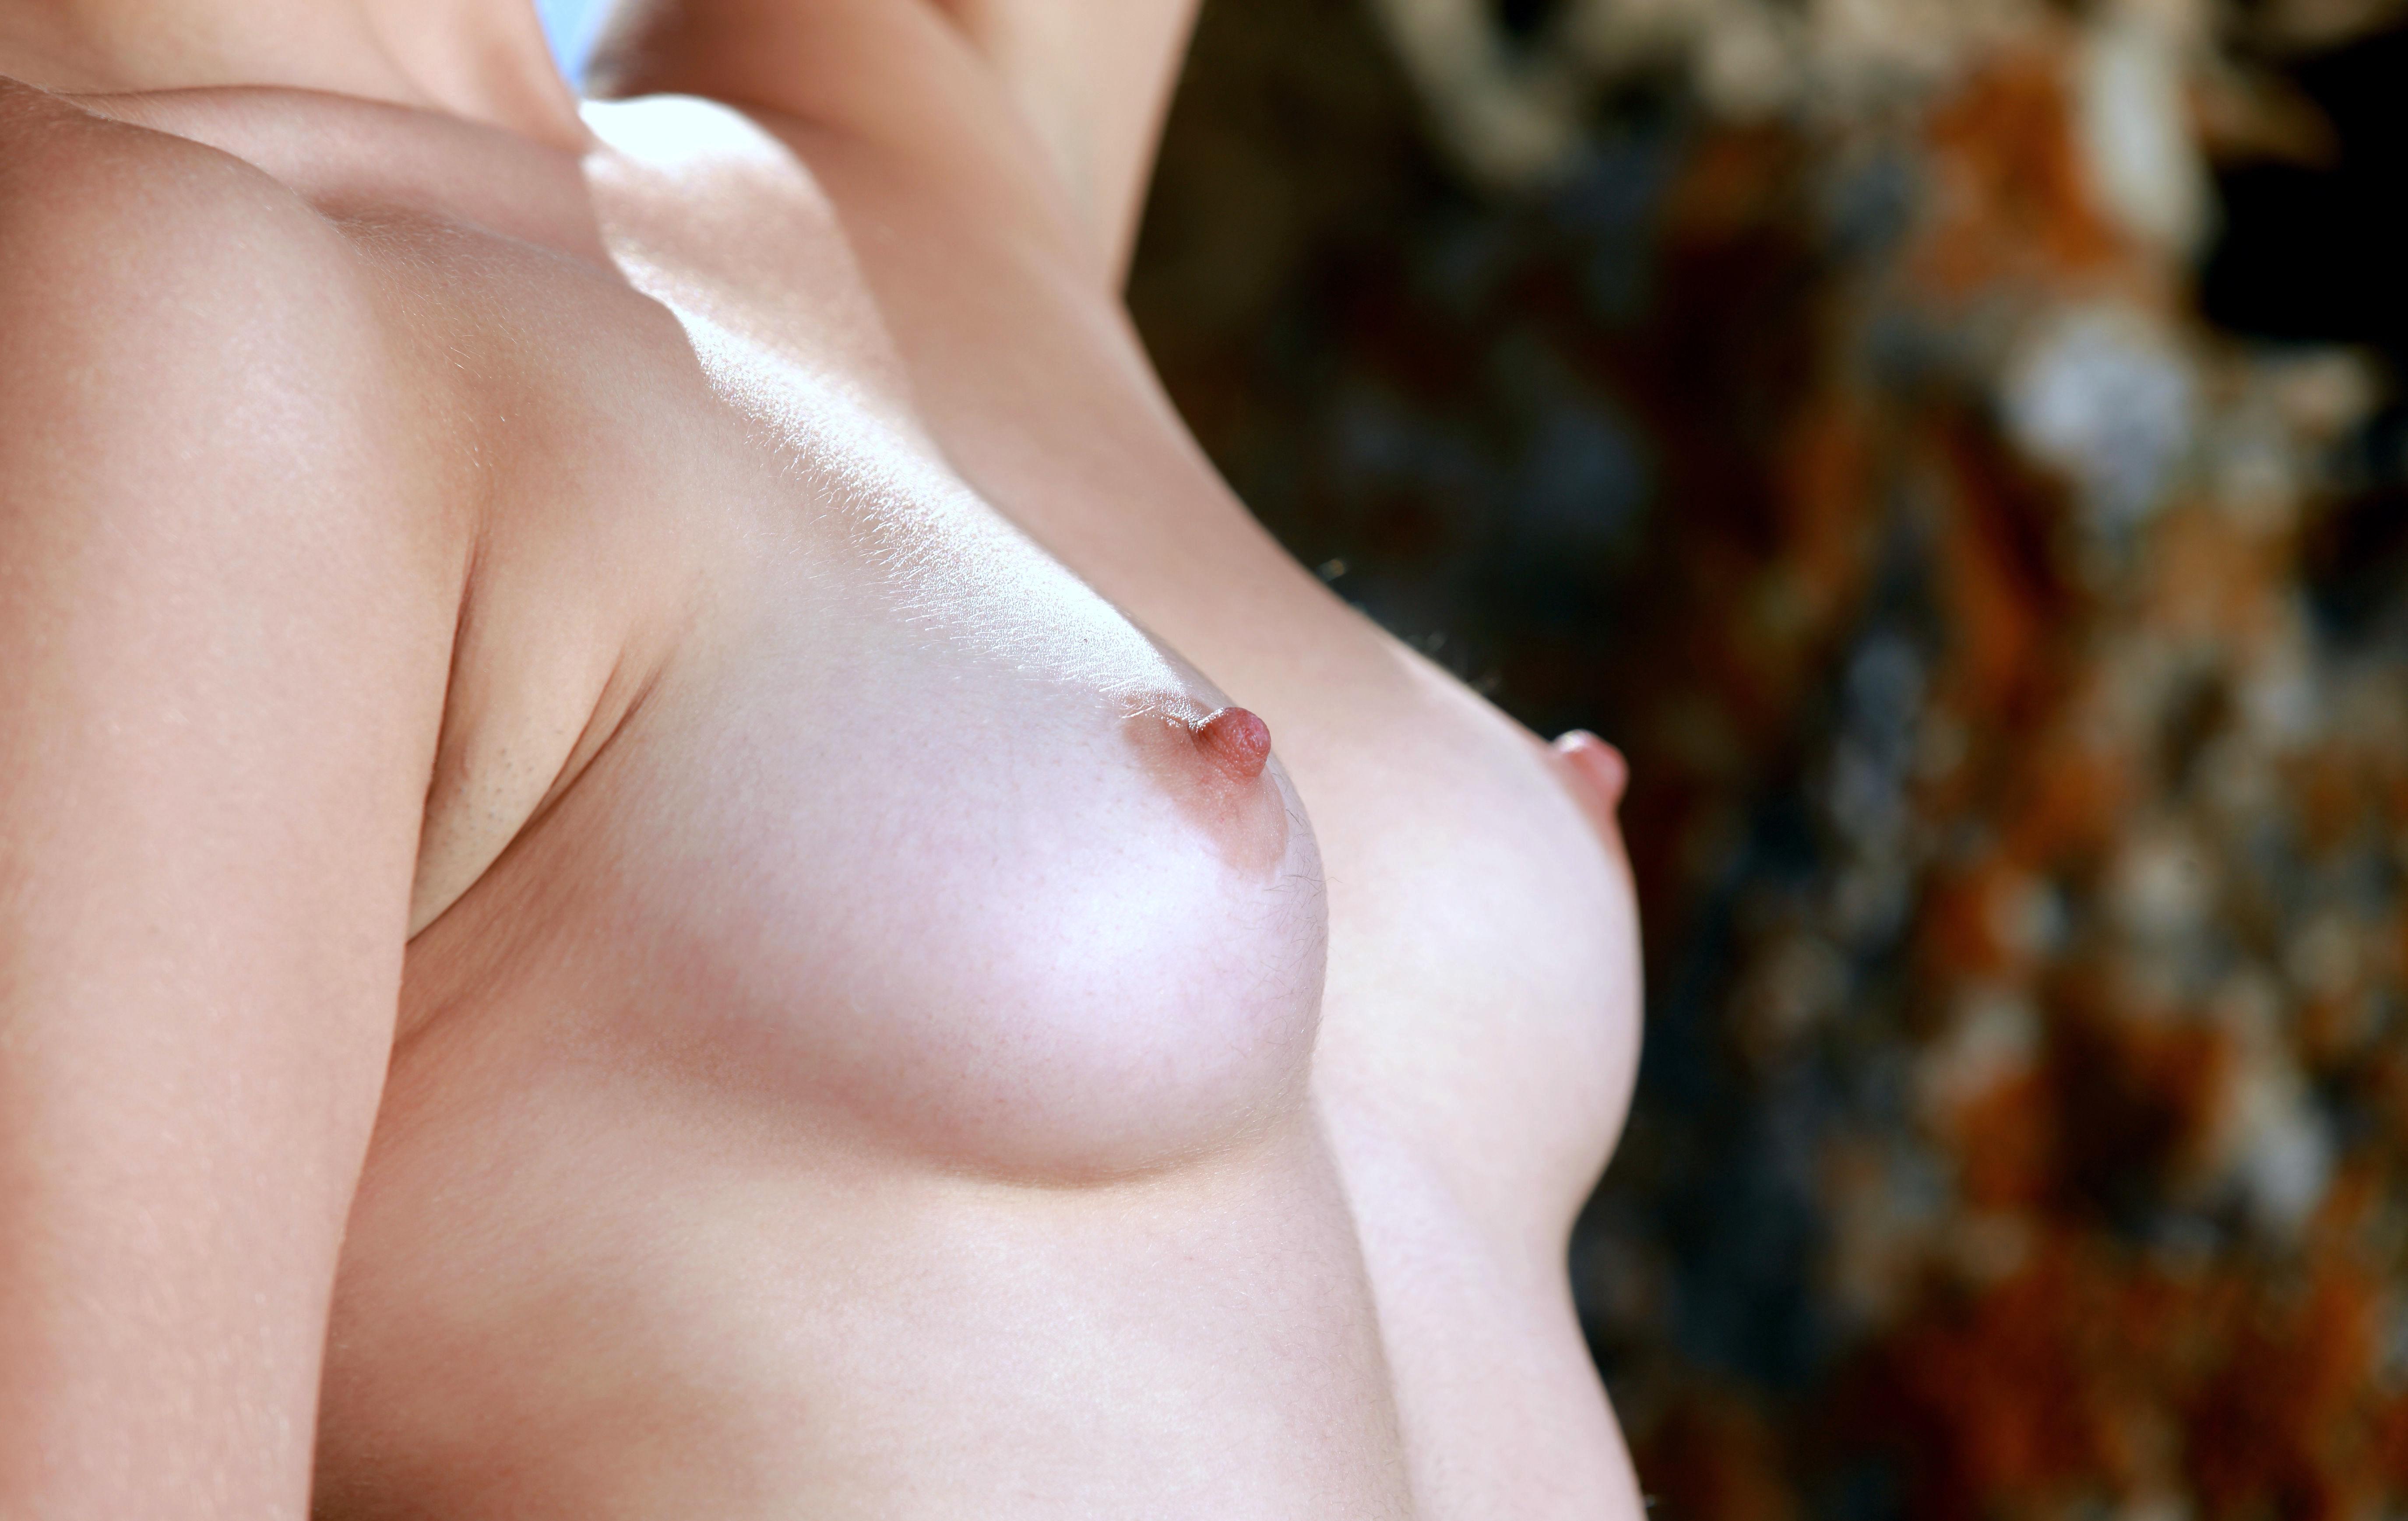 Close up boob shots